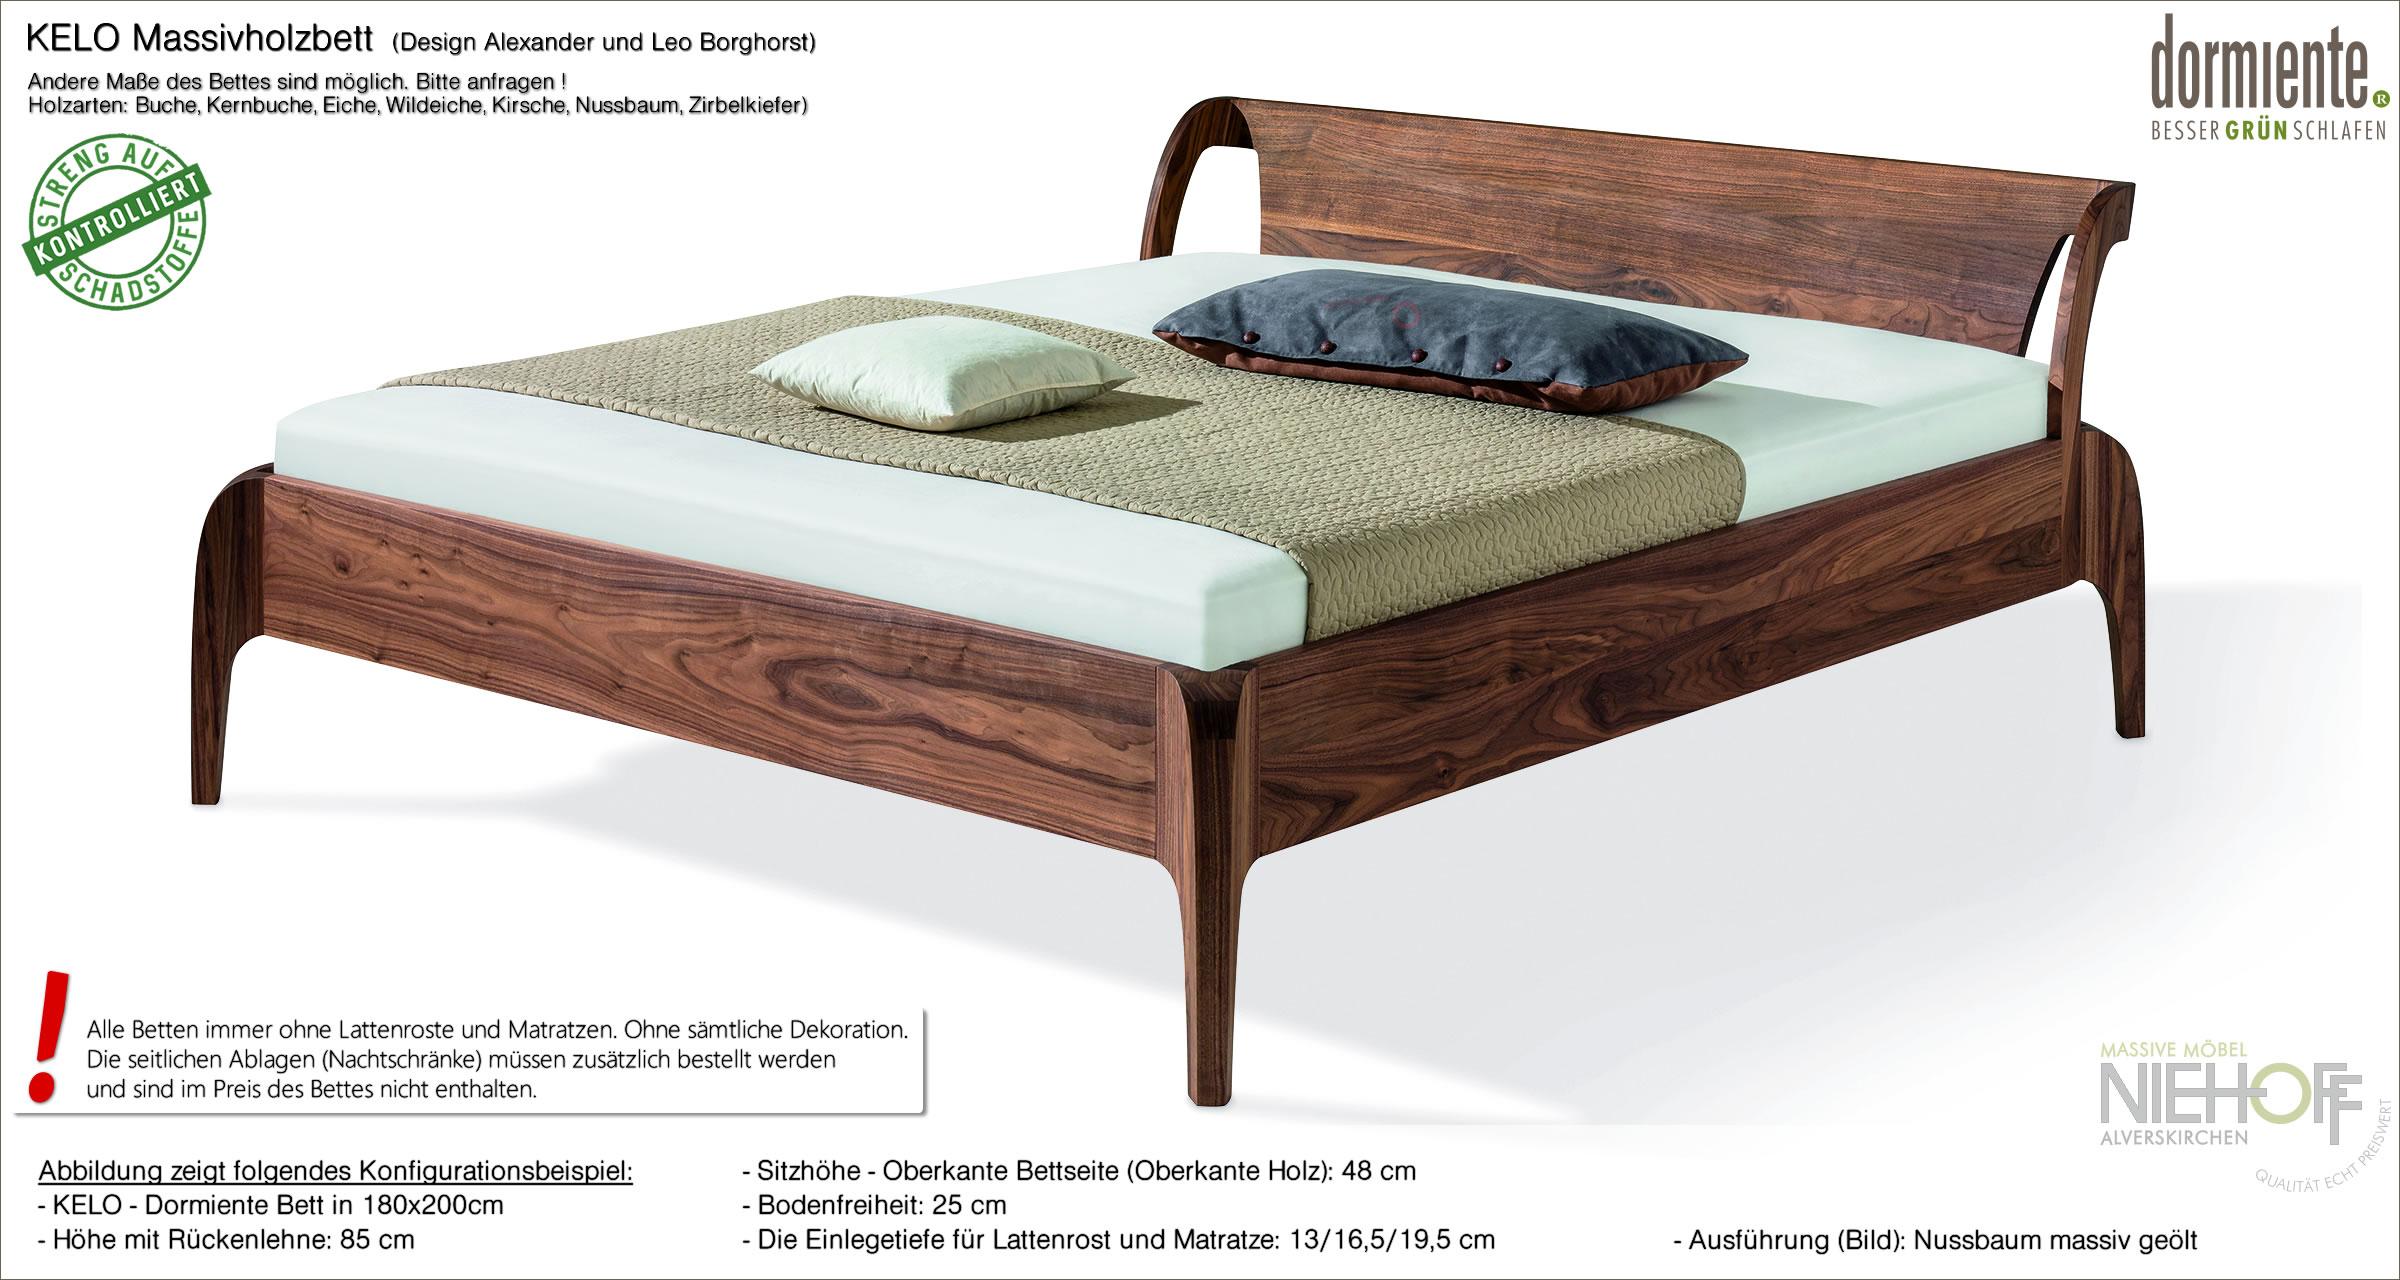 Full Size of Bett Design Holz Kelo Naturholzbett Ein Aus Nachhaltigem Massivholz Von 120x200 Leander Schutzgitter Halbhohes Modernes 180x200 Weißes 90x200 Kinder Himmel Wohnzimmer Bett Design Holz